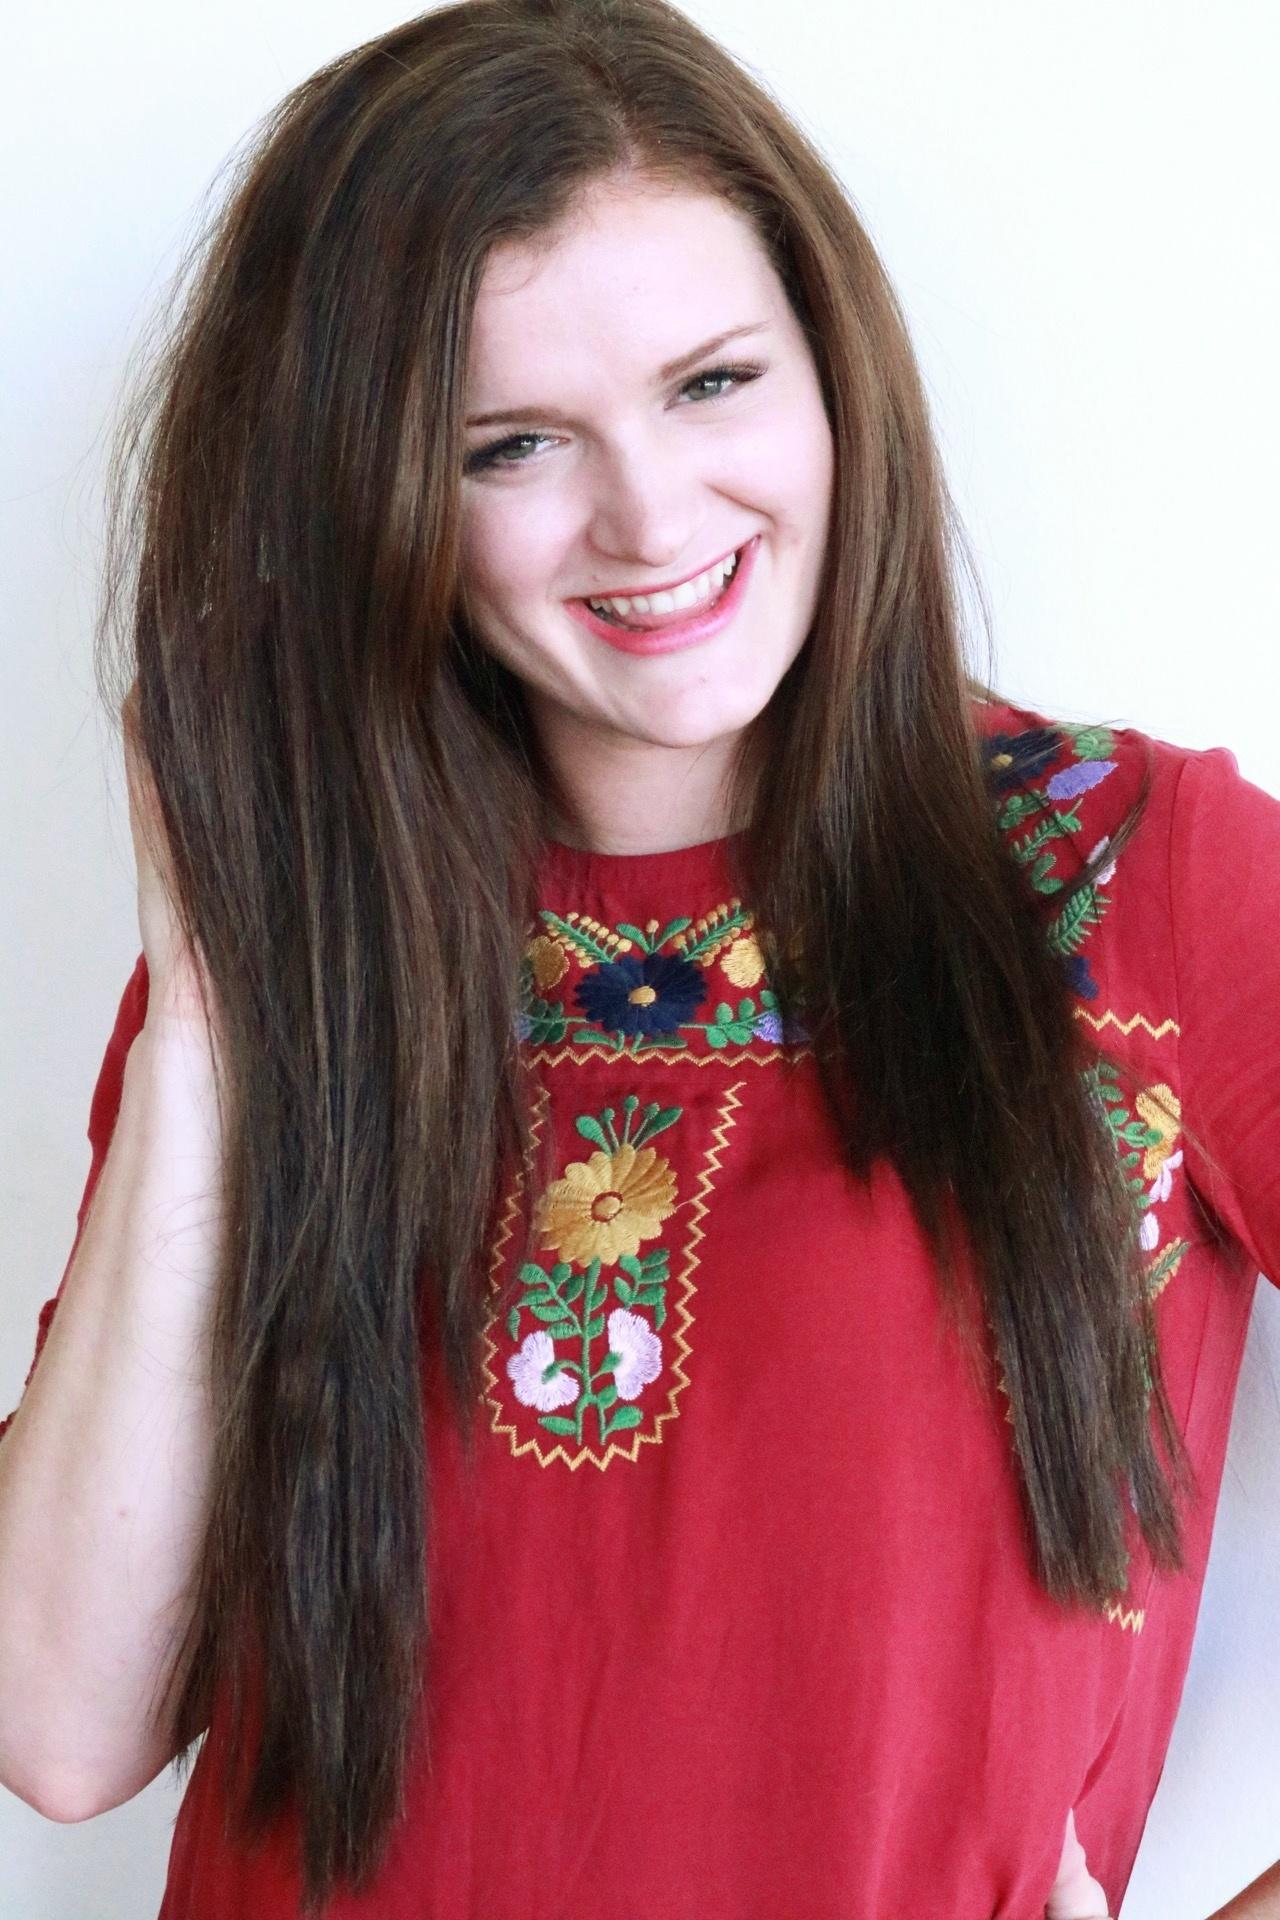 Morgan McGrath